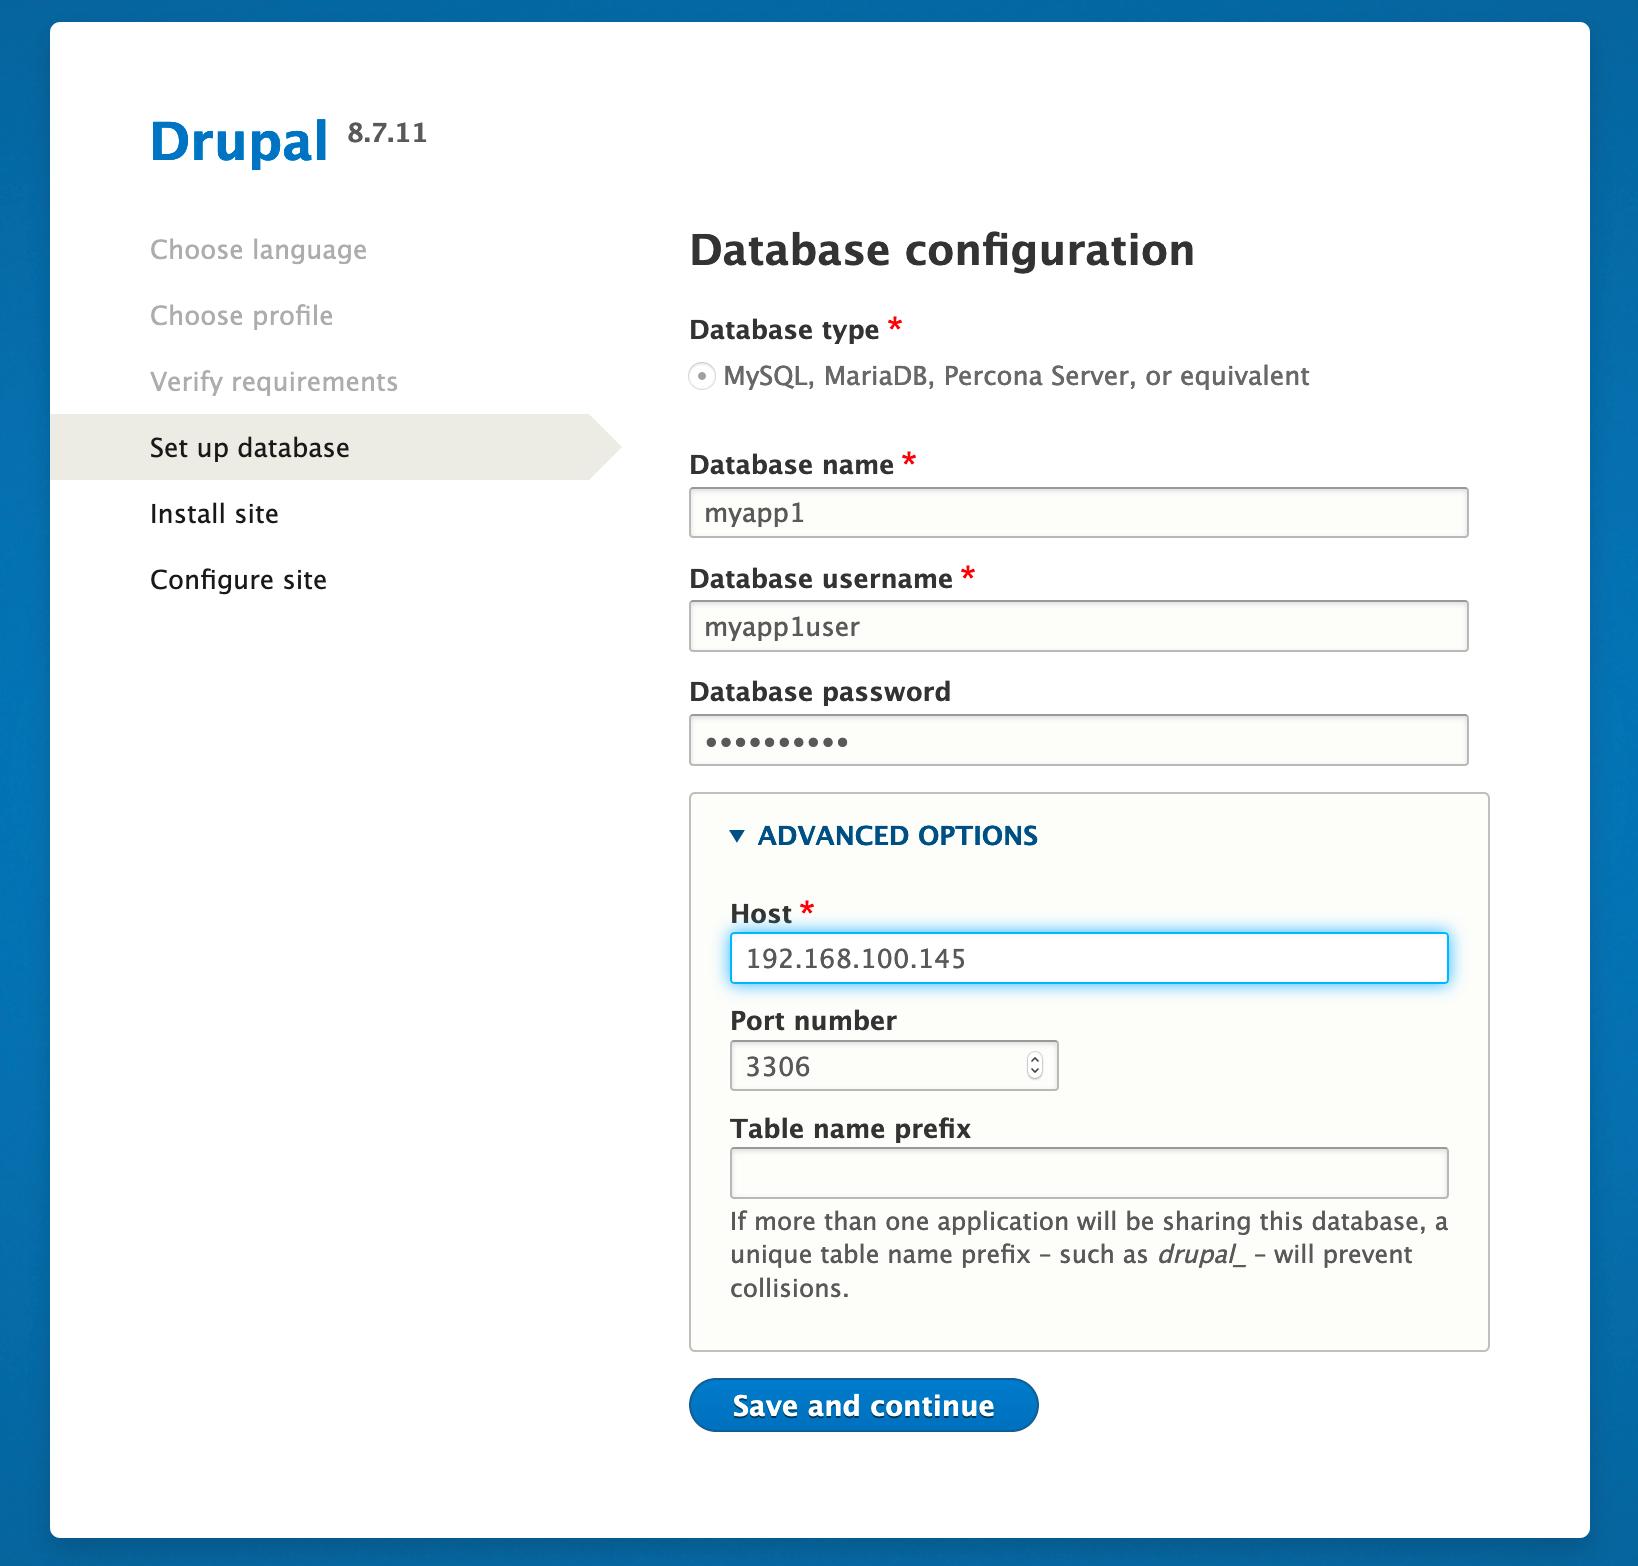 [Next] をクリックしてインストールを確認し、データベースの [Advanced Options]で、MySQL データベース、ユーザー、およびパスワード情報を指定します。